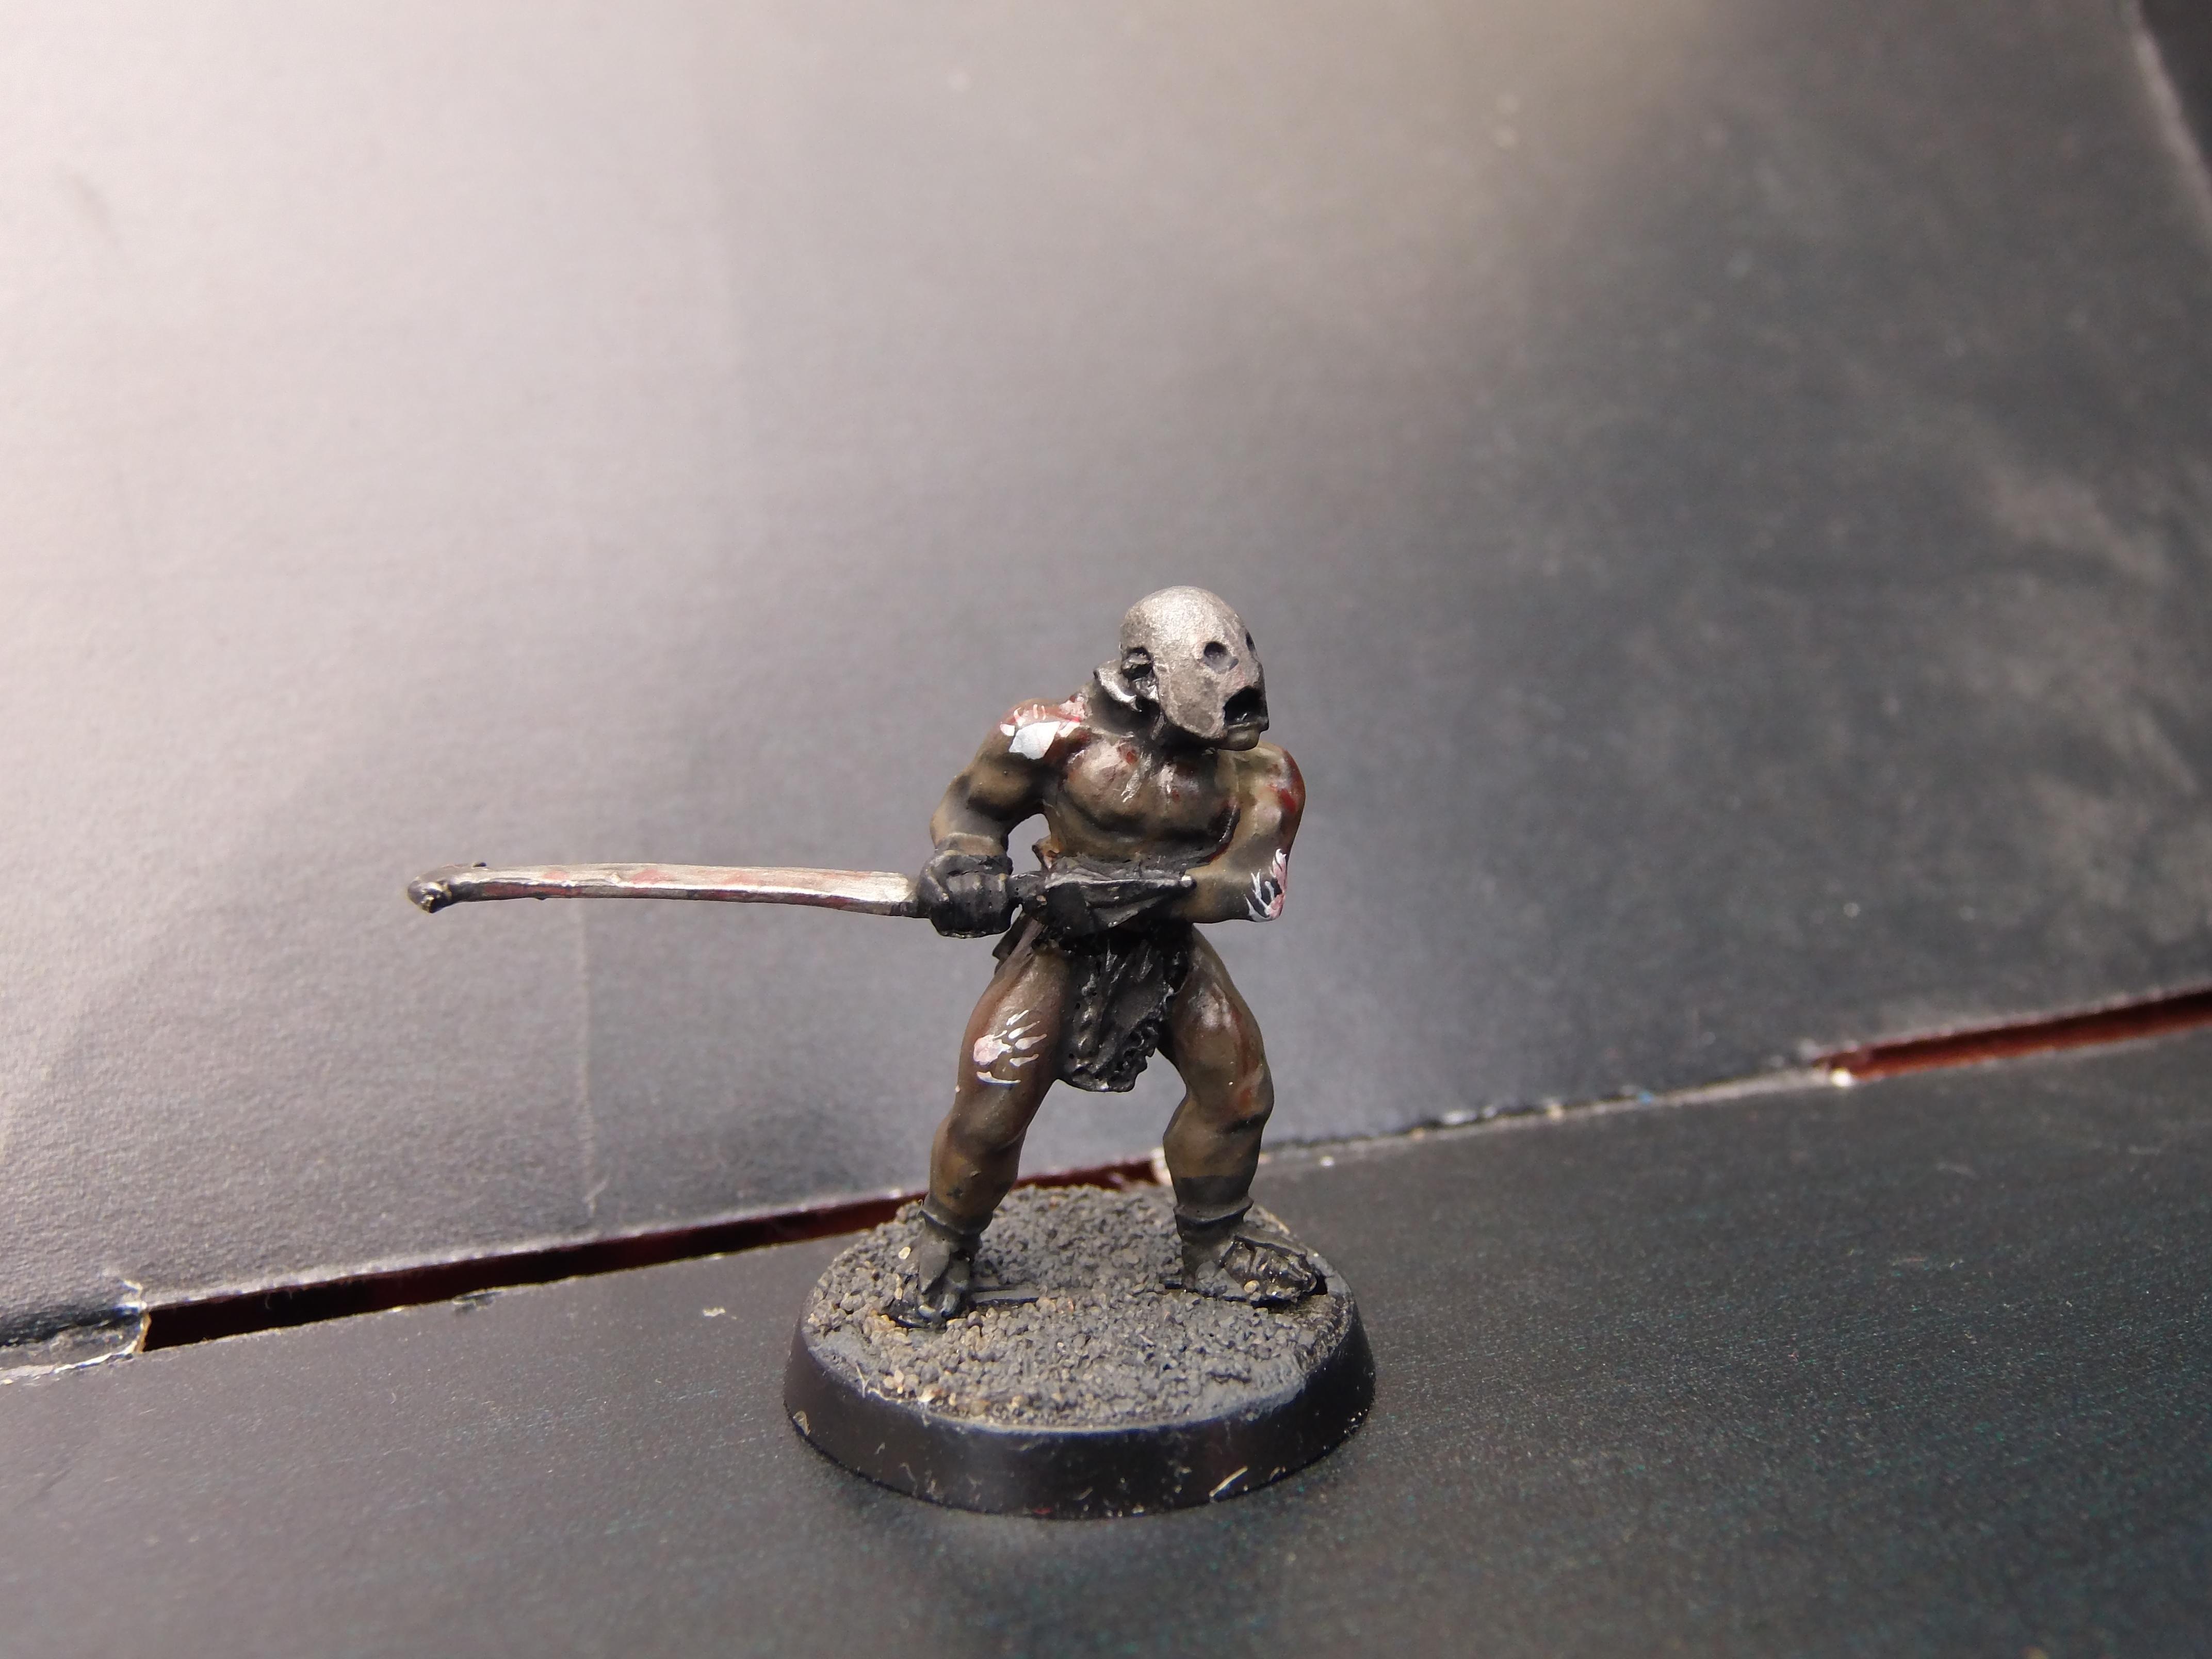 Lord Of The Rings, Uruk-hai, Uruks